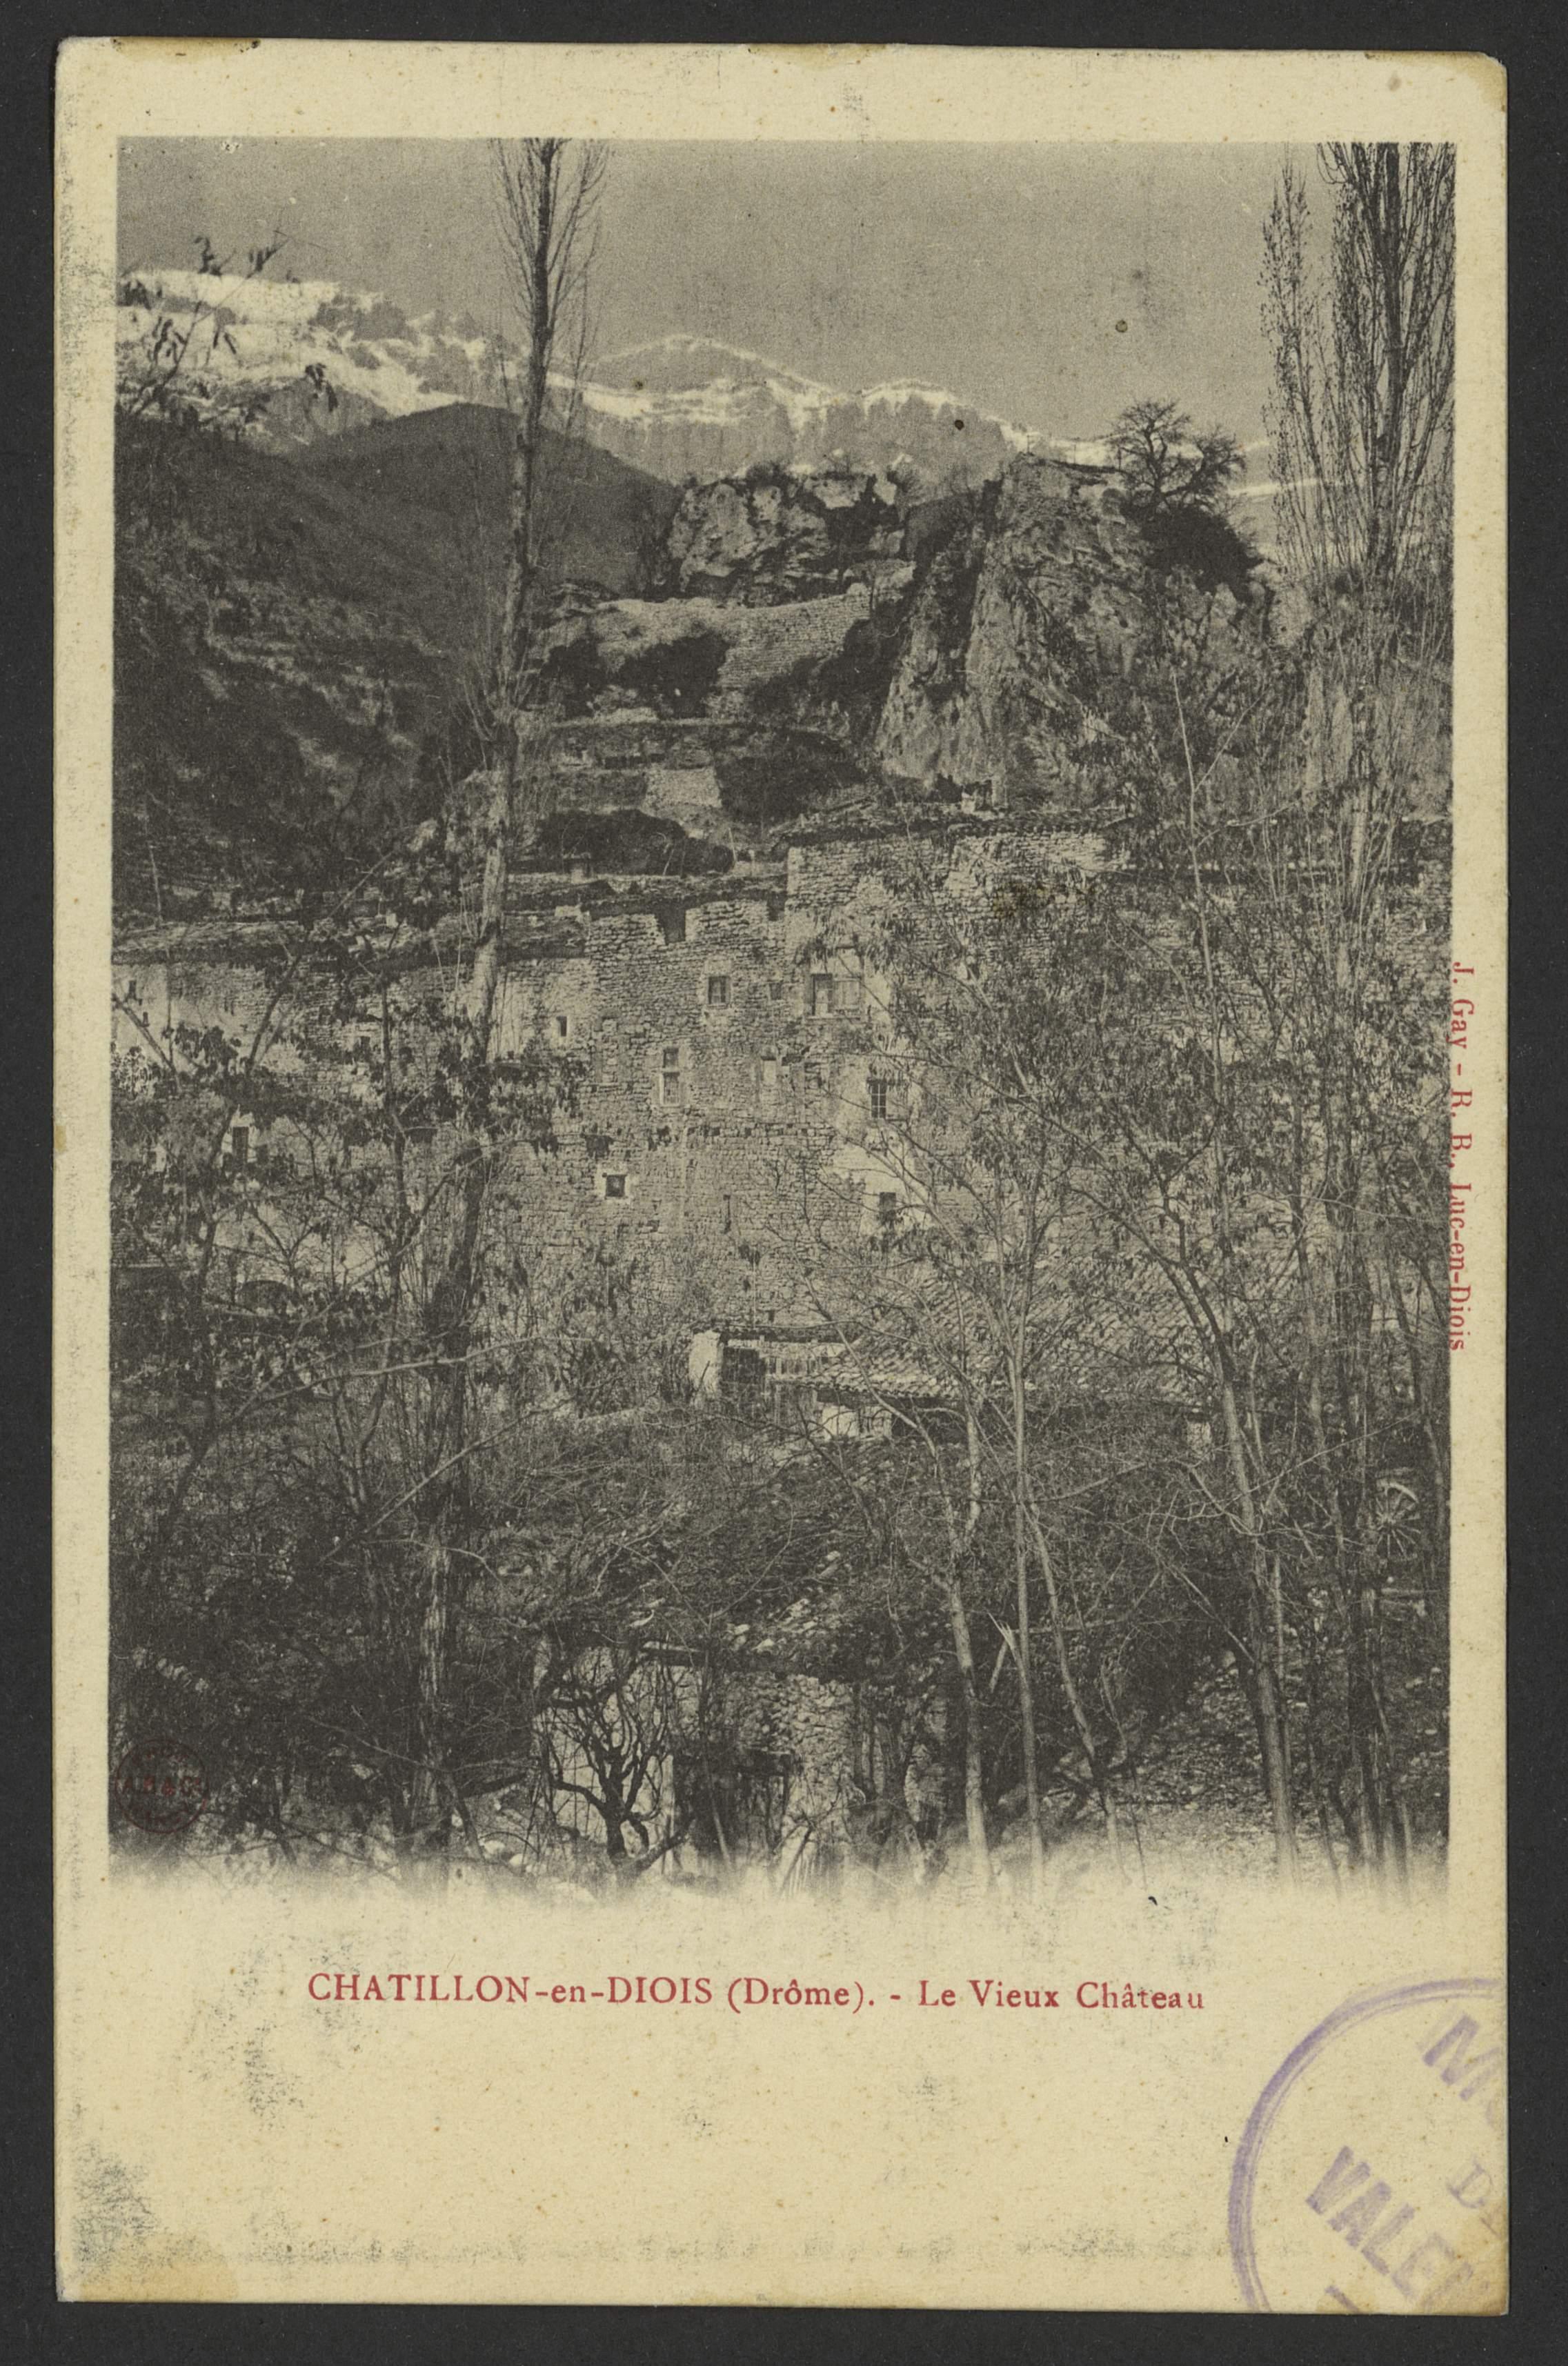 Chatillon-en-Diois (Drôme). - Le Vieux Château